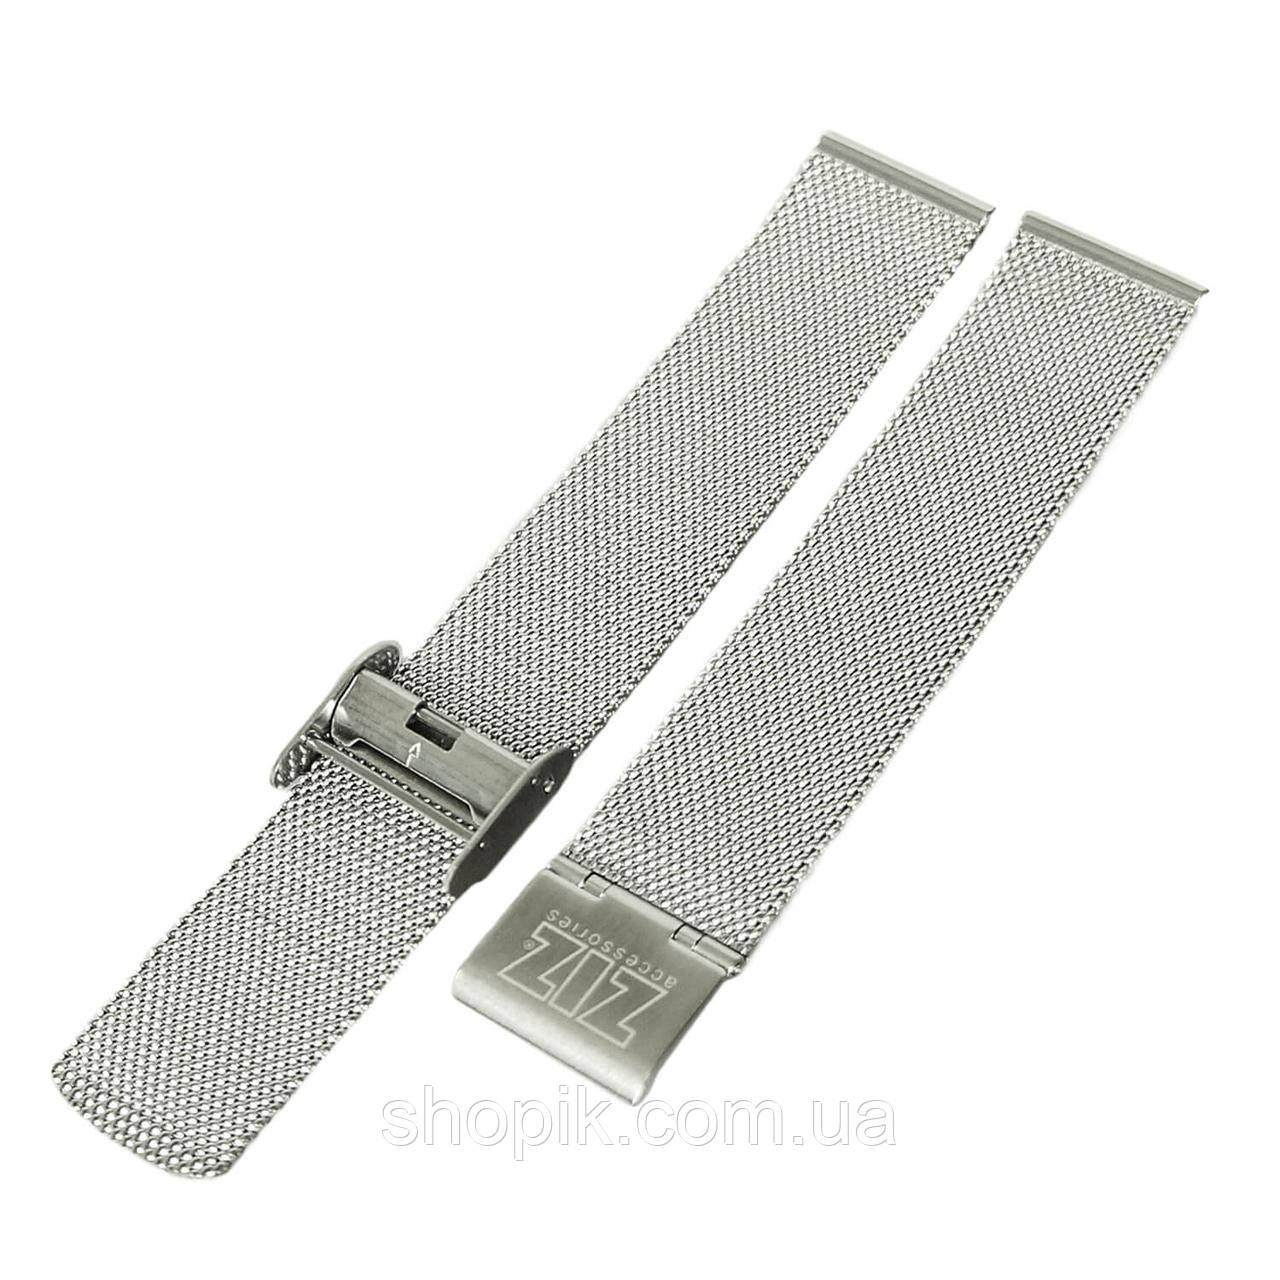 Ремешок для часов ZIZ из нержавеющей стали (серебро) SHOPIK